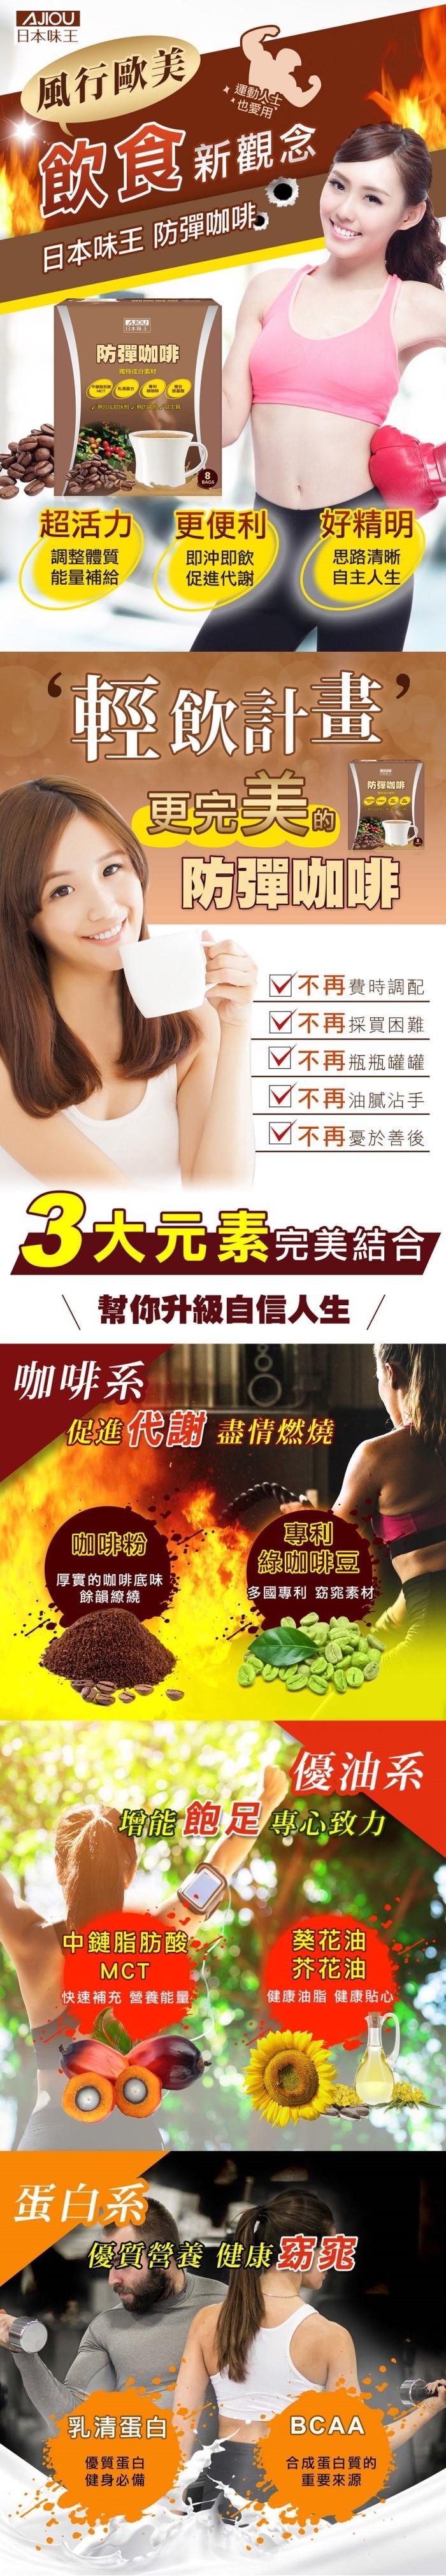 日本味王-防彈咖啡(8包)產品資訊